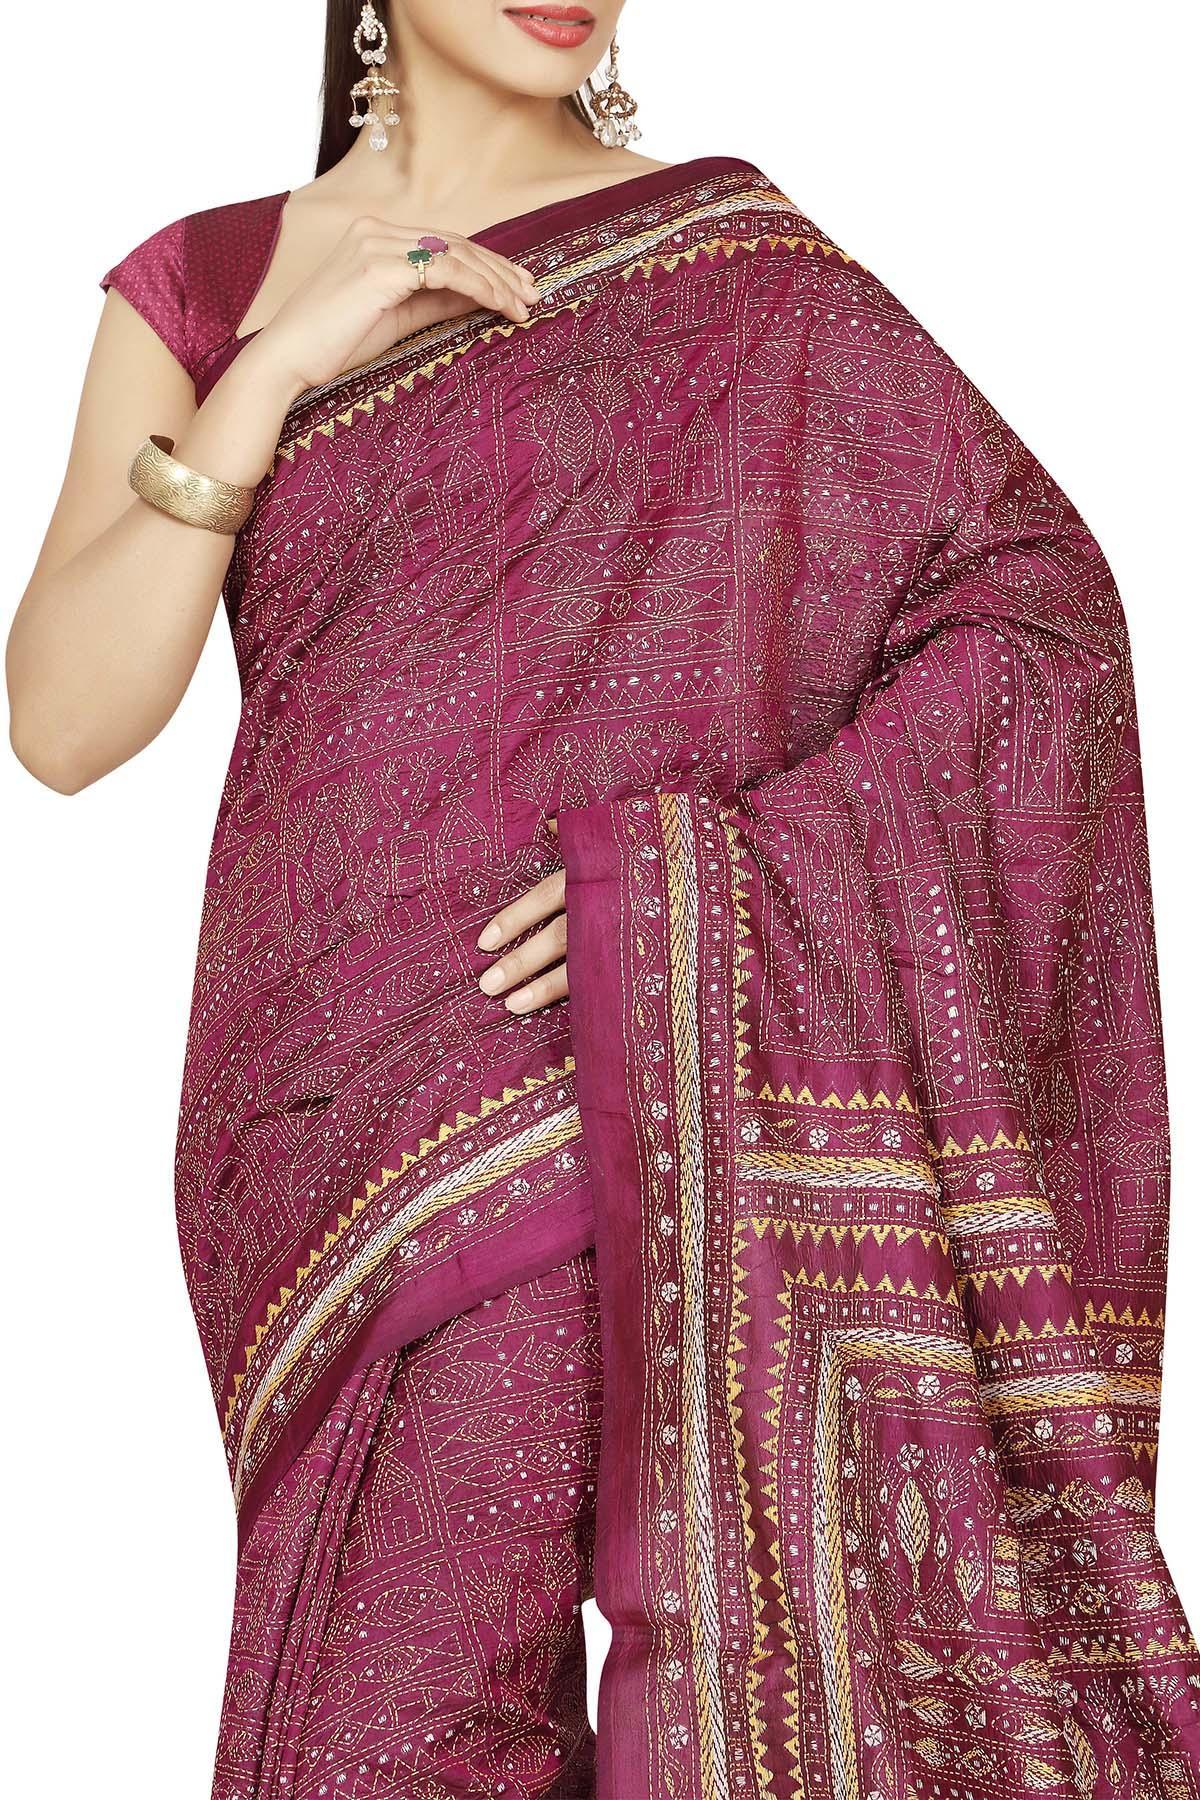 d0c57ea21a043 Tyrian Purple Meen Nakshi Kantha Soft Silk Saree - Kantha CraftArt ...